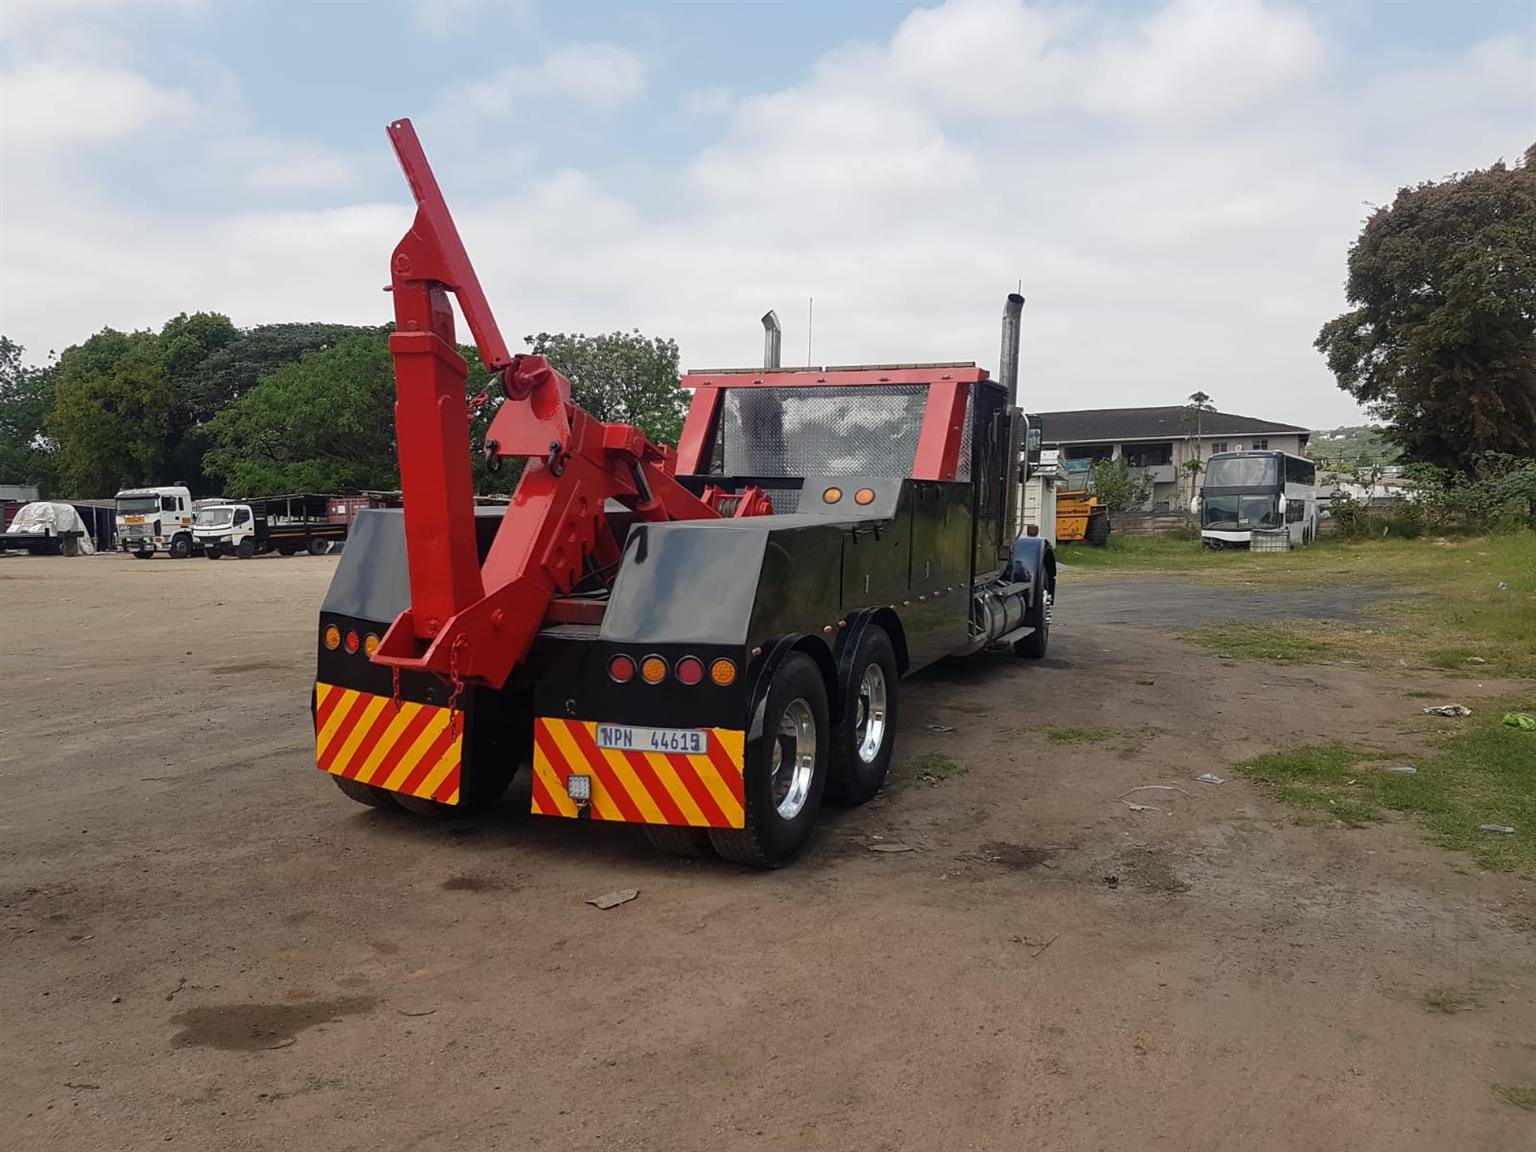 9300 International Tow Truck